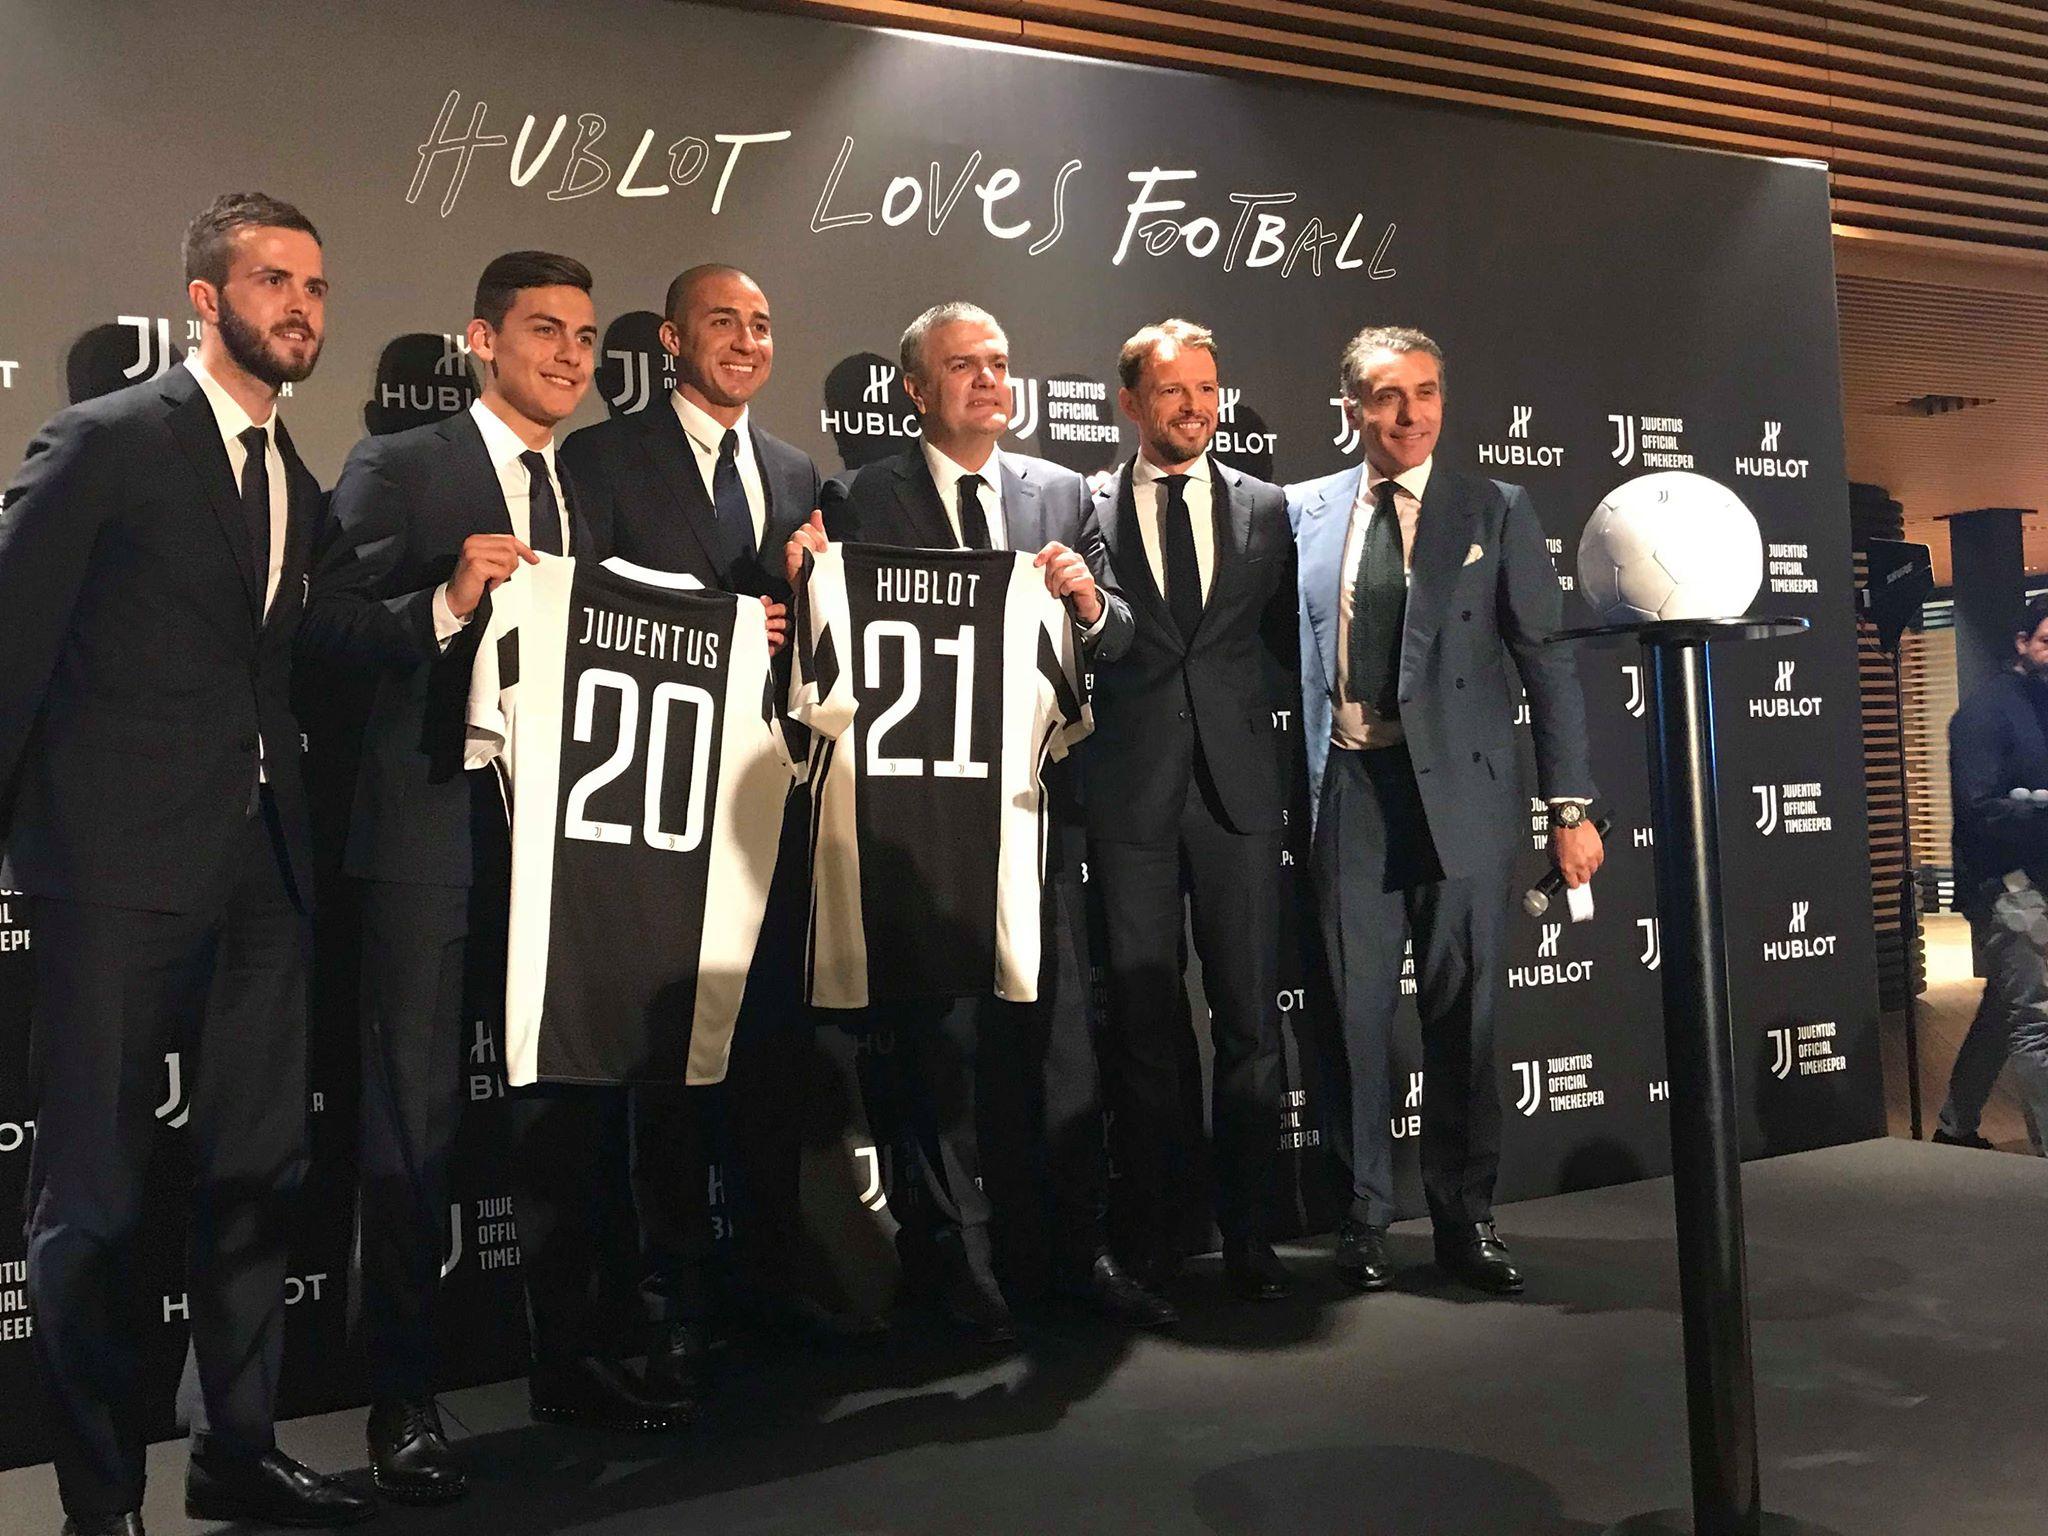 Evento Hublot a Torino con la Juventus (foto di Barbara Vellucci)